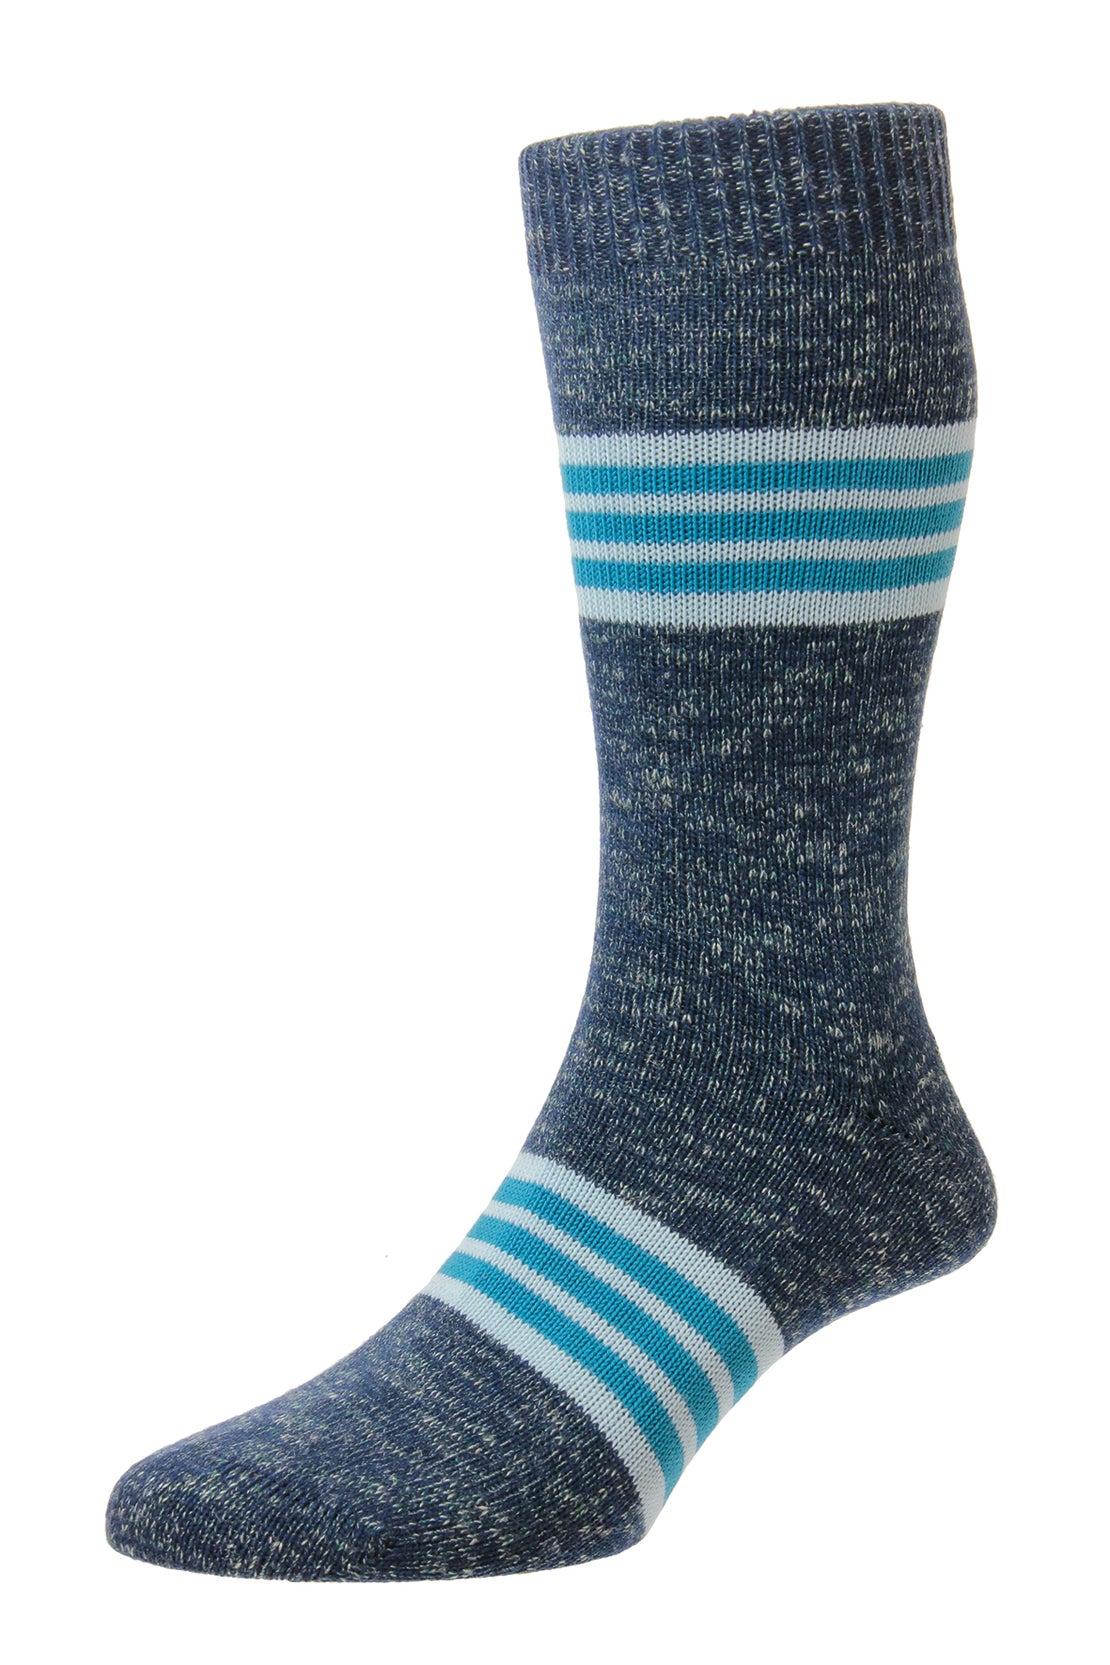 Teal Stripe Band Socks